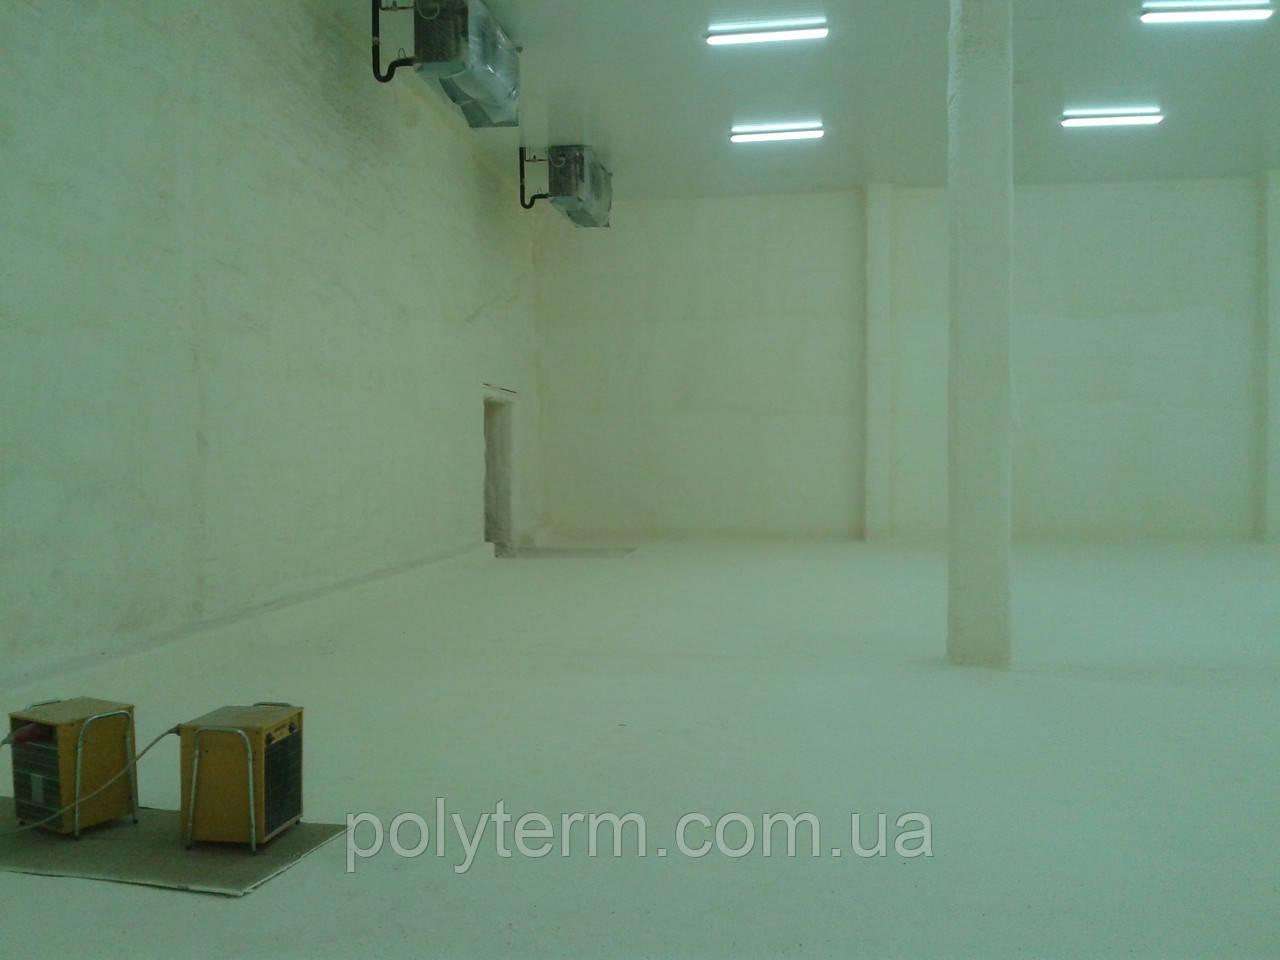 Теплоизоляция пенополиуретаном (ППУ) холодильных камер, складов, ангаров.